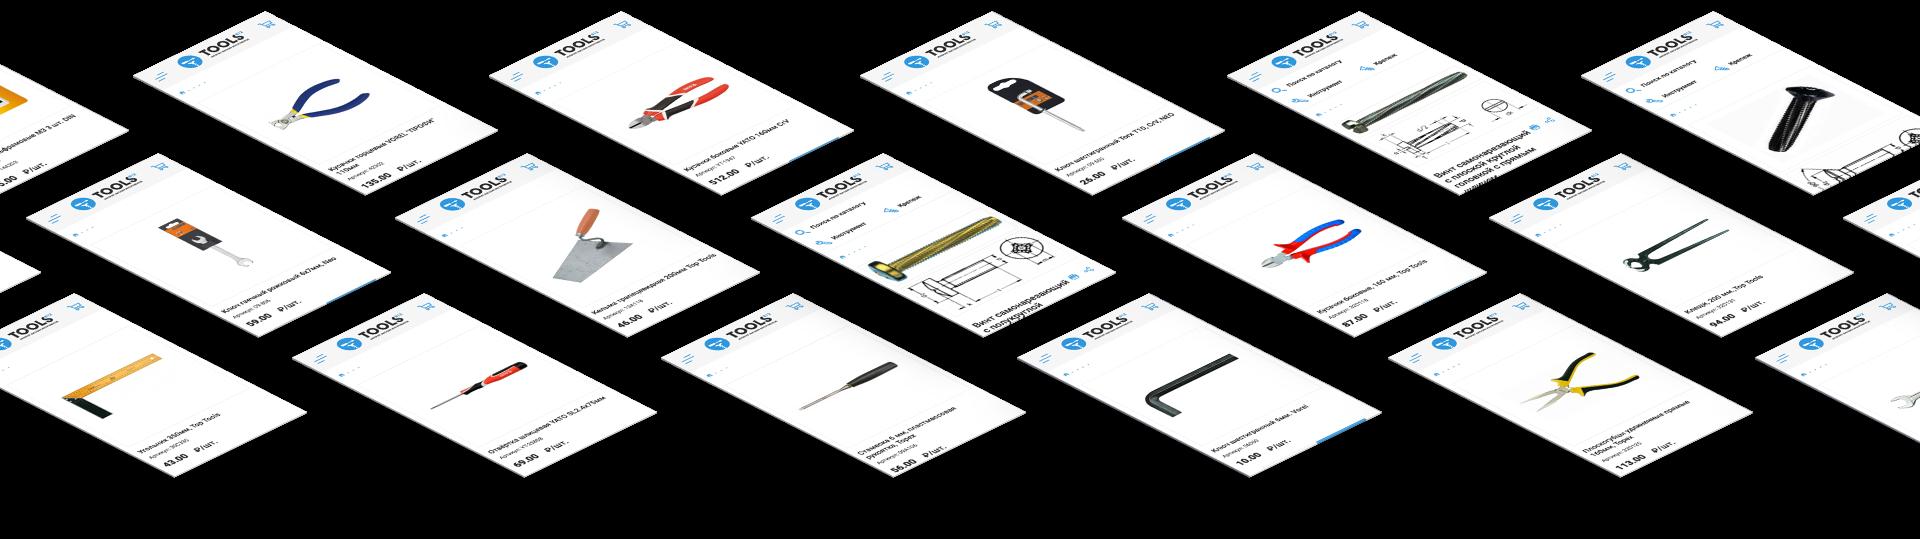 карточки товаров с сайта tools812.ru